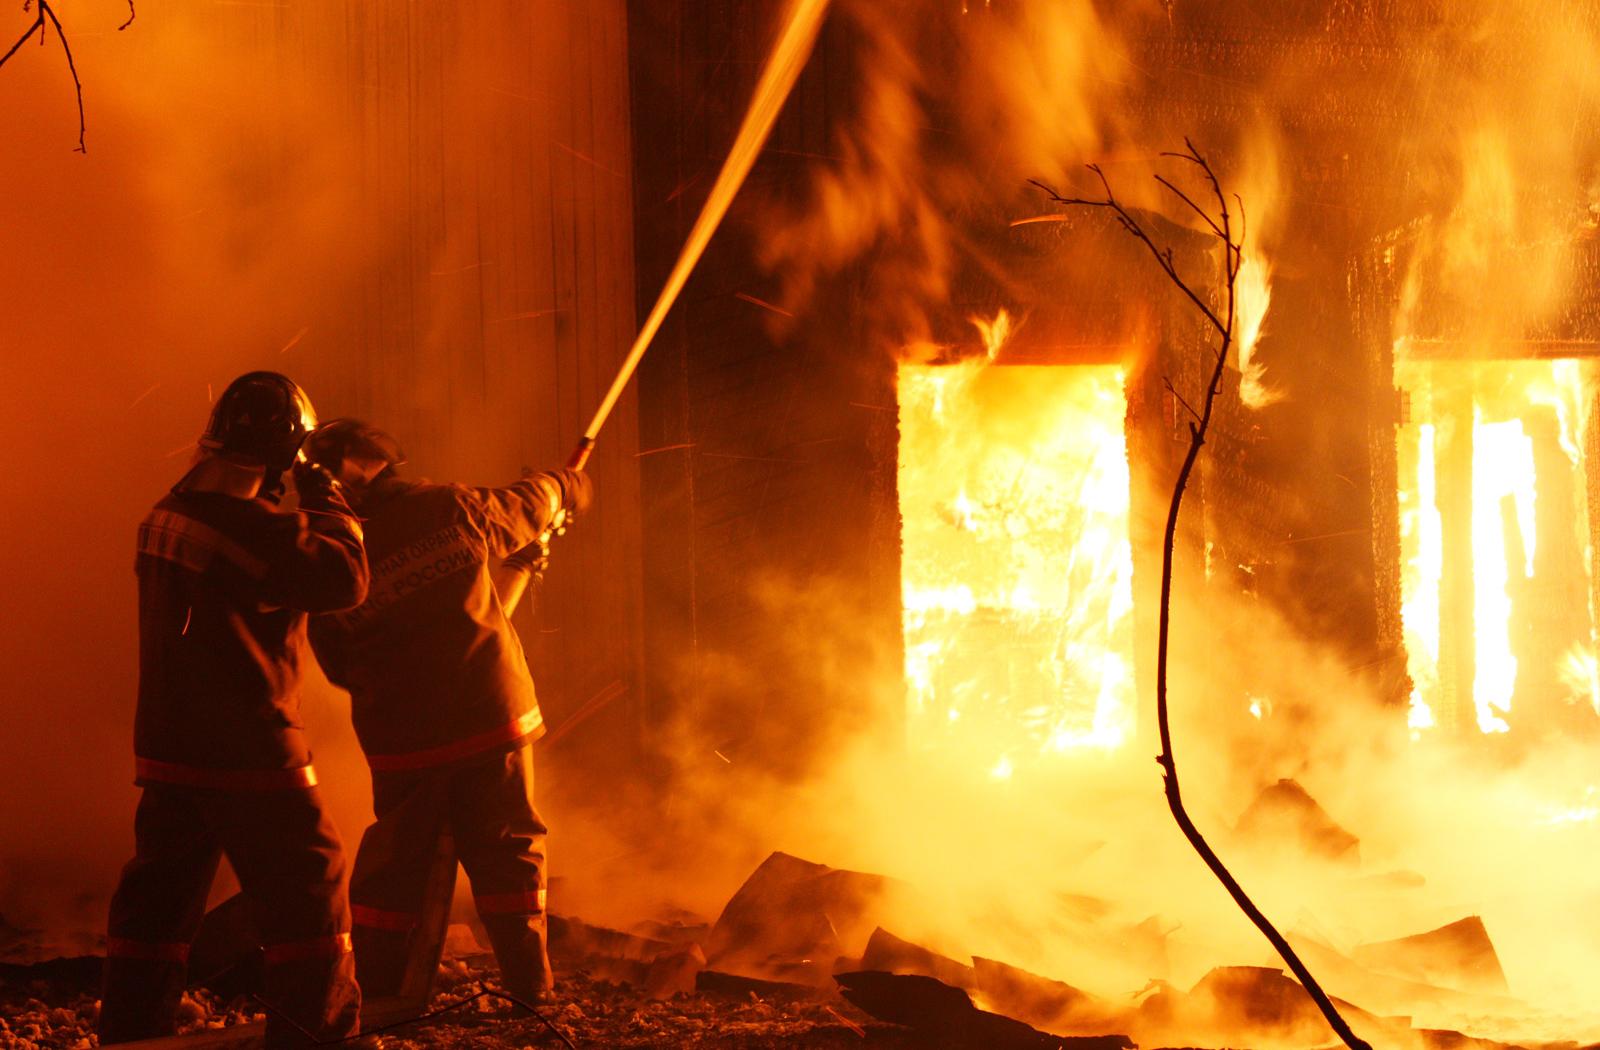 Խոշոր հրդեհ Երեւանում. փրկարարները շենքից տարահանել են 80 բնակչի